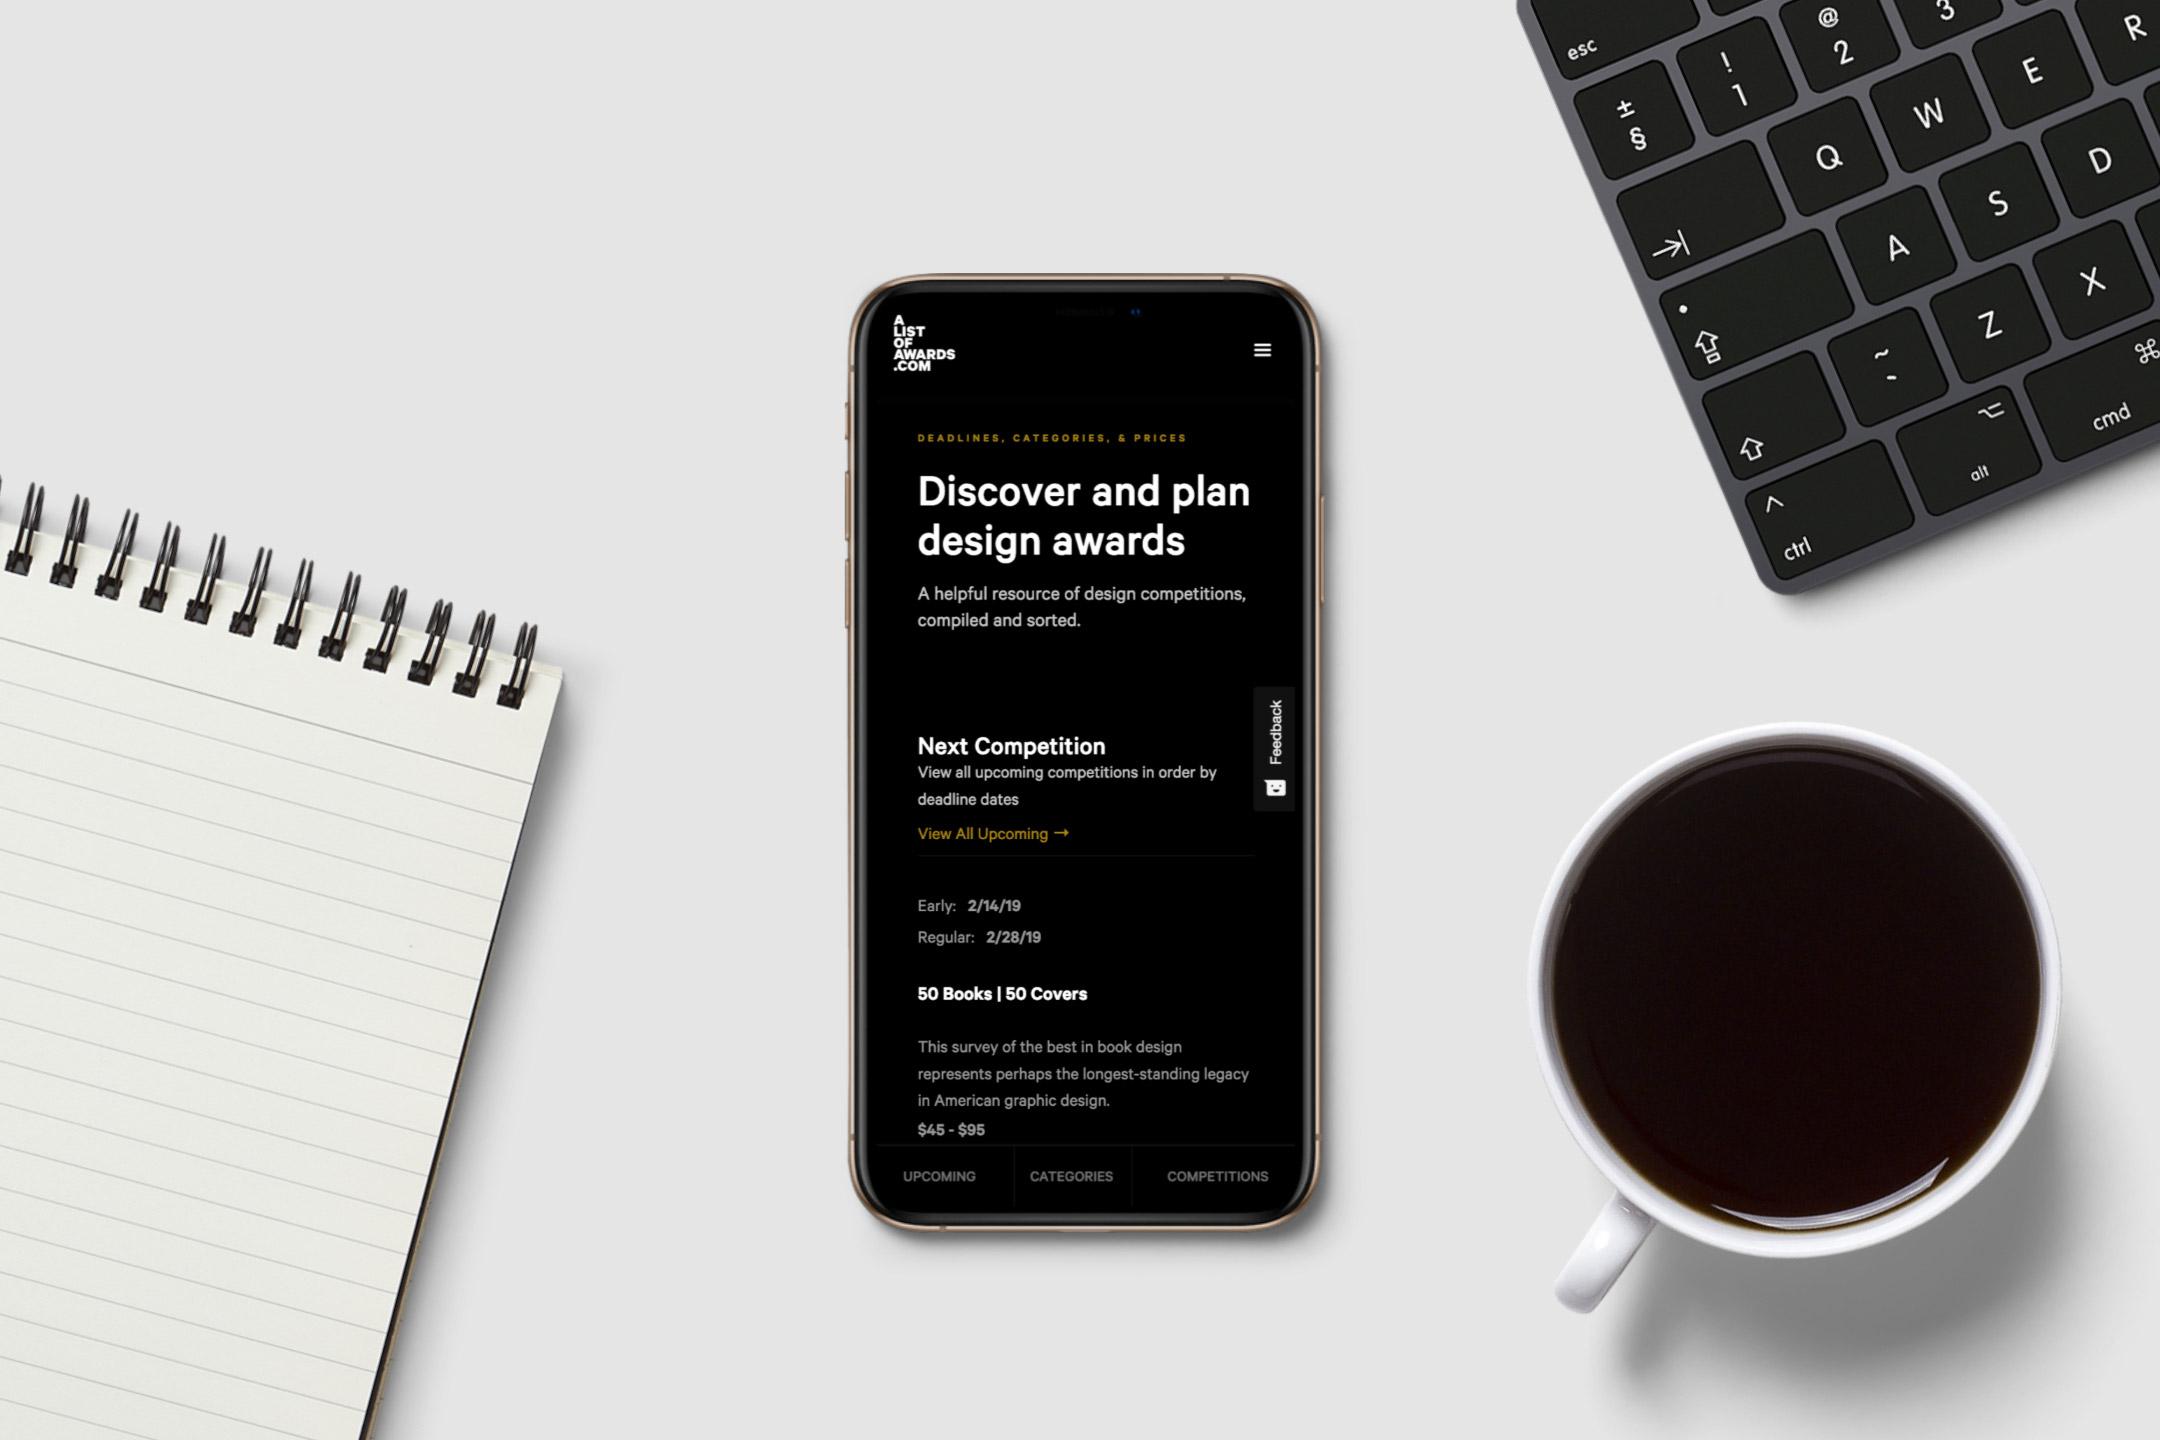 Alistofawards.com mobile website design showing homepage